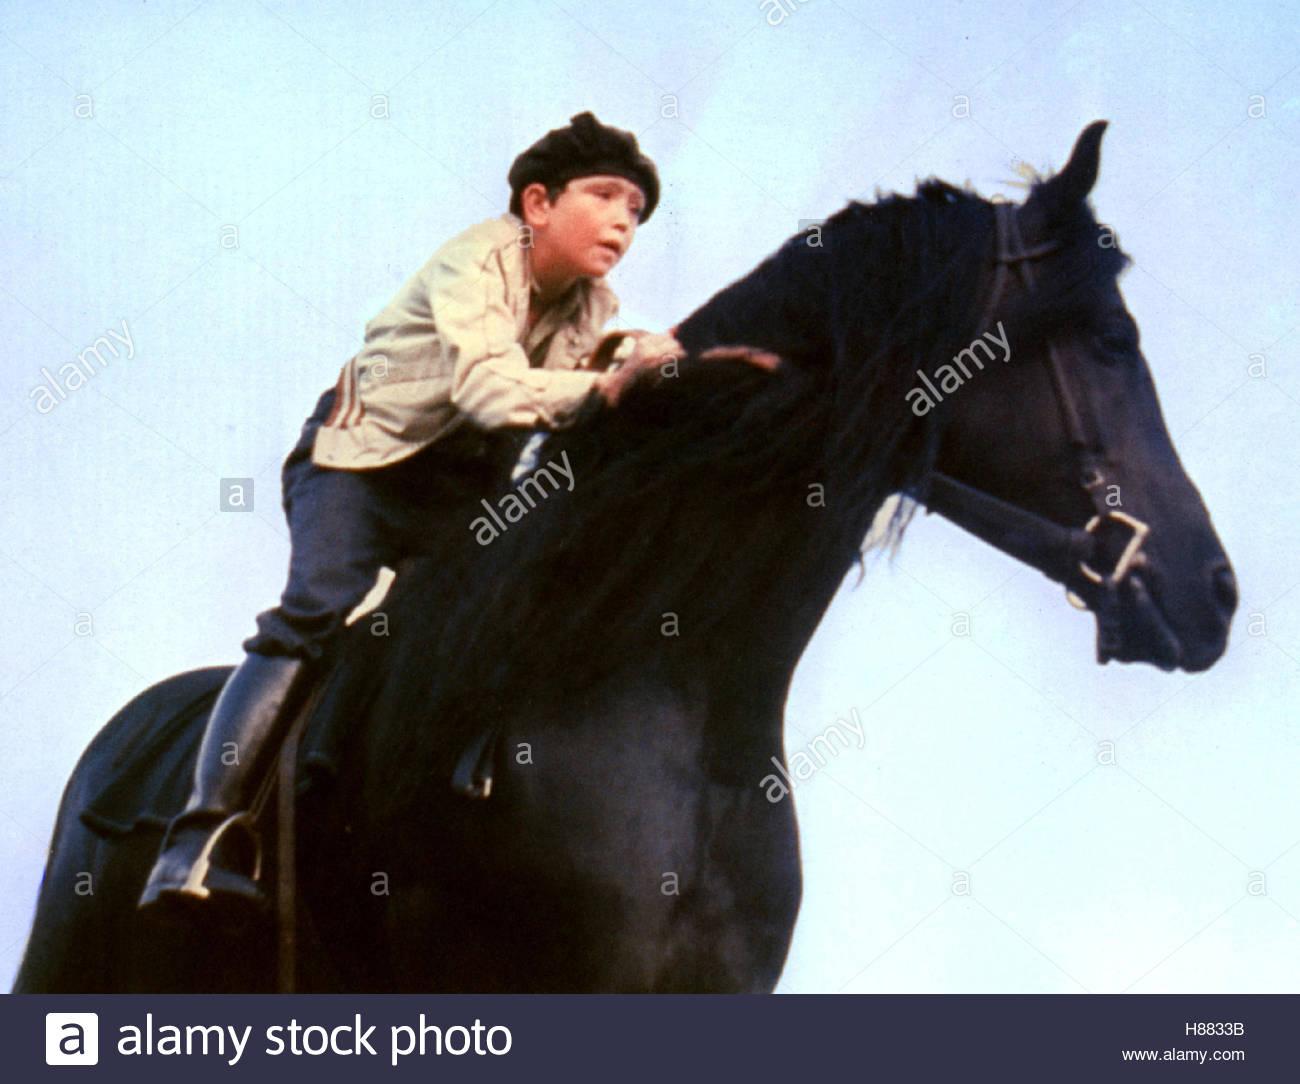 Der schwarze Hengst, (THE BLACK STALLION) USA 1979, Regie: Carroll Ballard, KELLY RENO, Stichwort: Pferd, Reiter - Stock Image